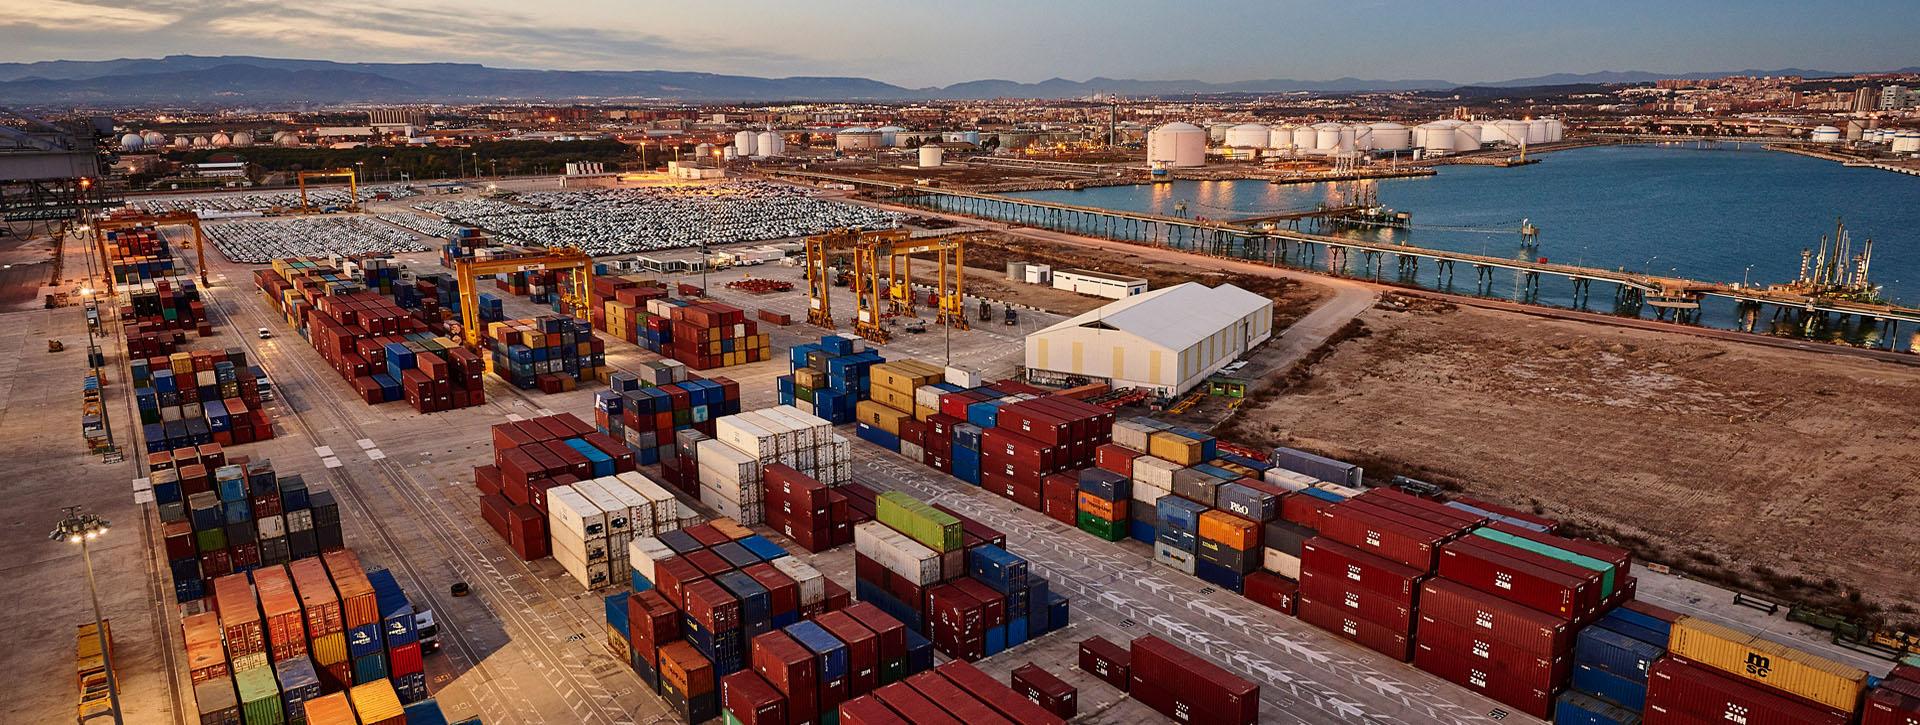 Servei trànsit marítim de Tassa